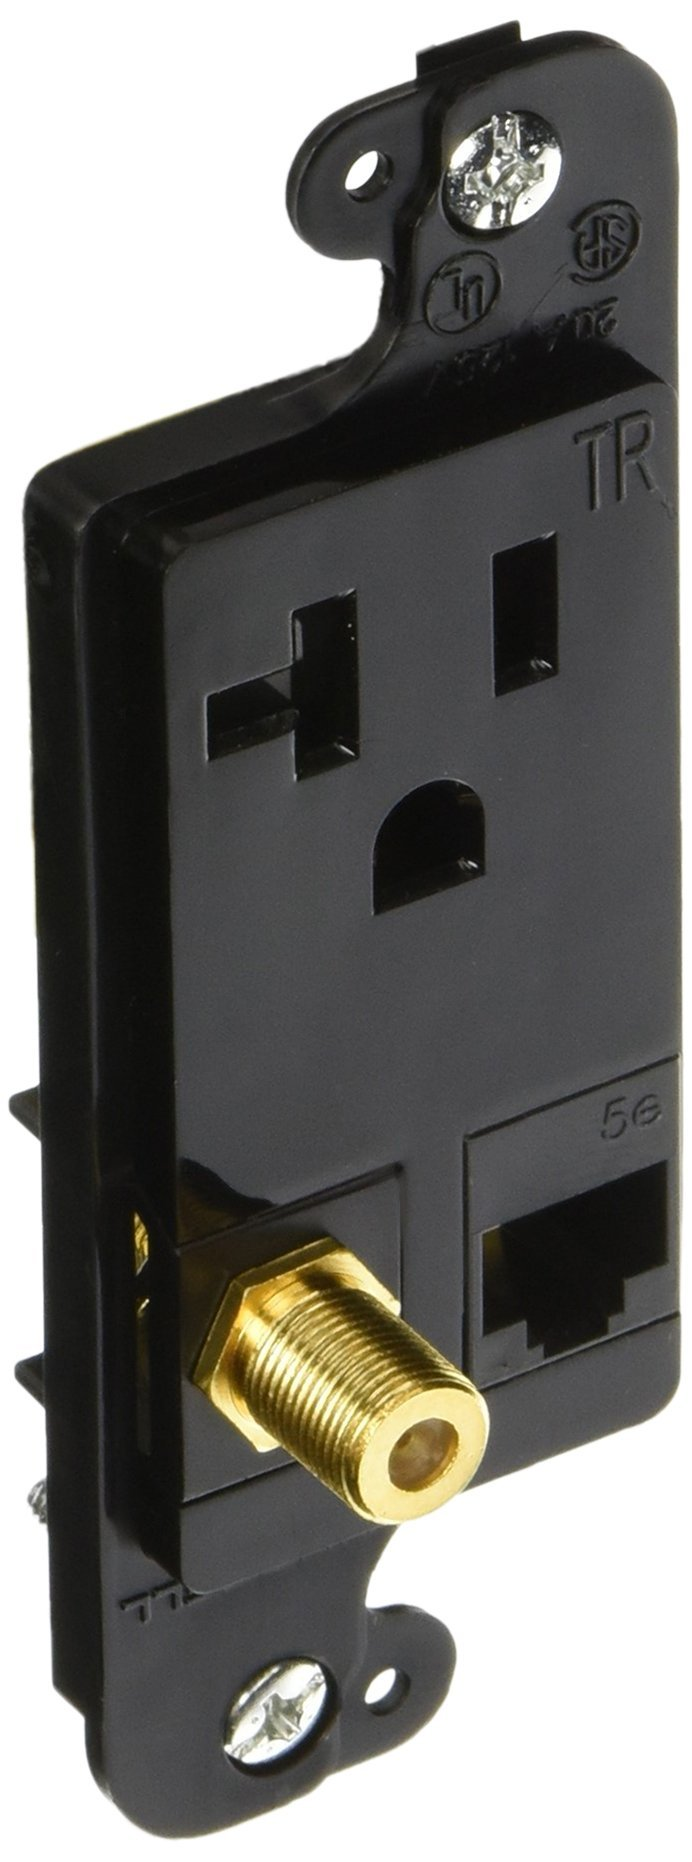 Jload Multimedia Outlet; Decorator Frame with Voltage Divider, One (1) Cat. 5E, One (1) F-Connector & One (1) Tamper Resistant Receptacle 20 Amp 125V, Nema 5-20R, Black